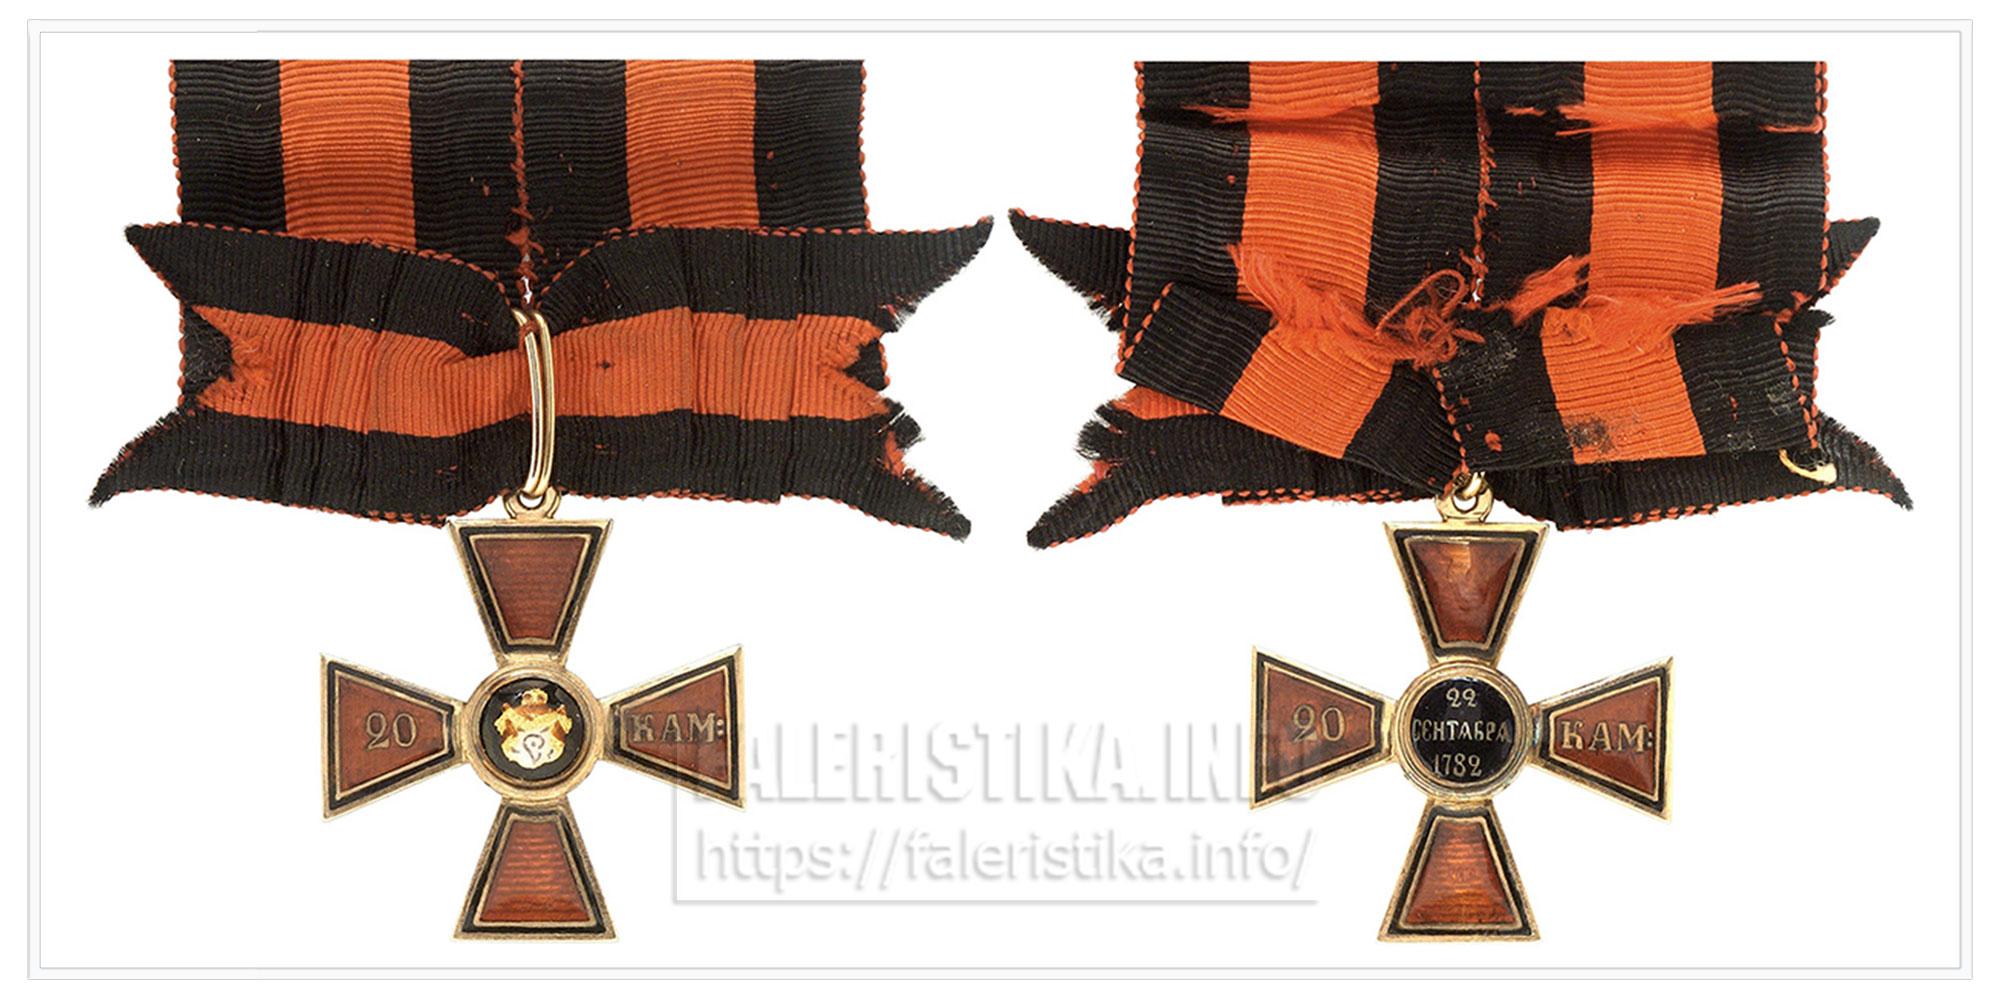 Орден Святого Владимира 4 степени за 20 кампаний